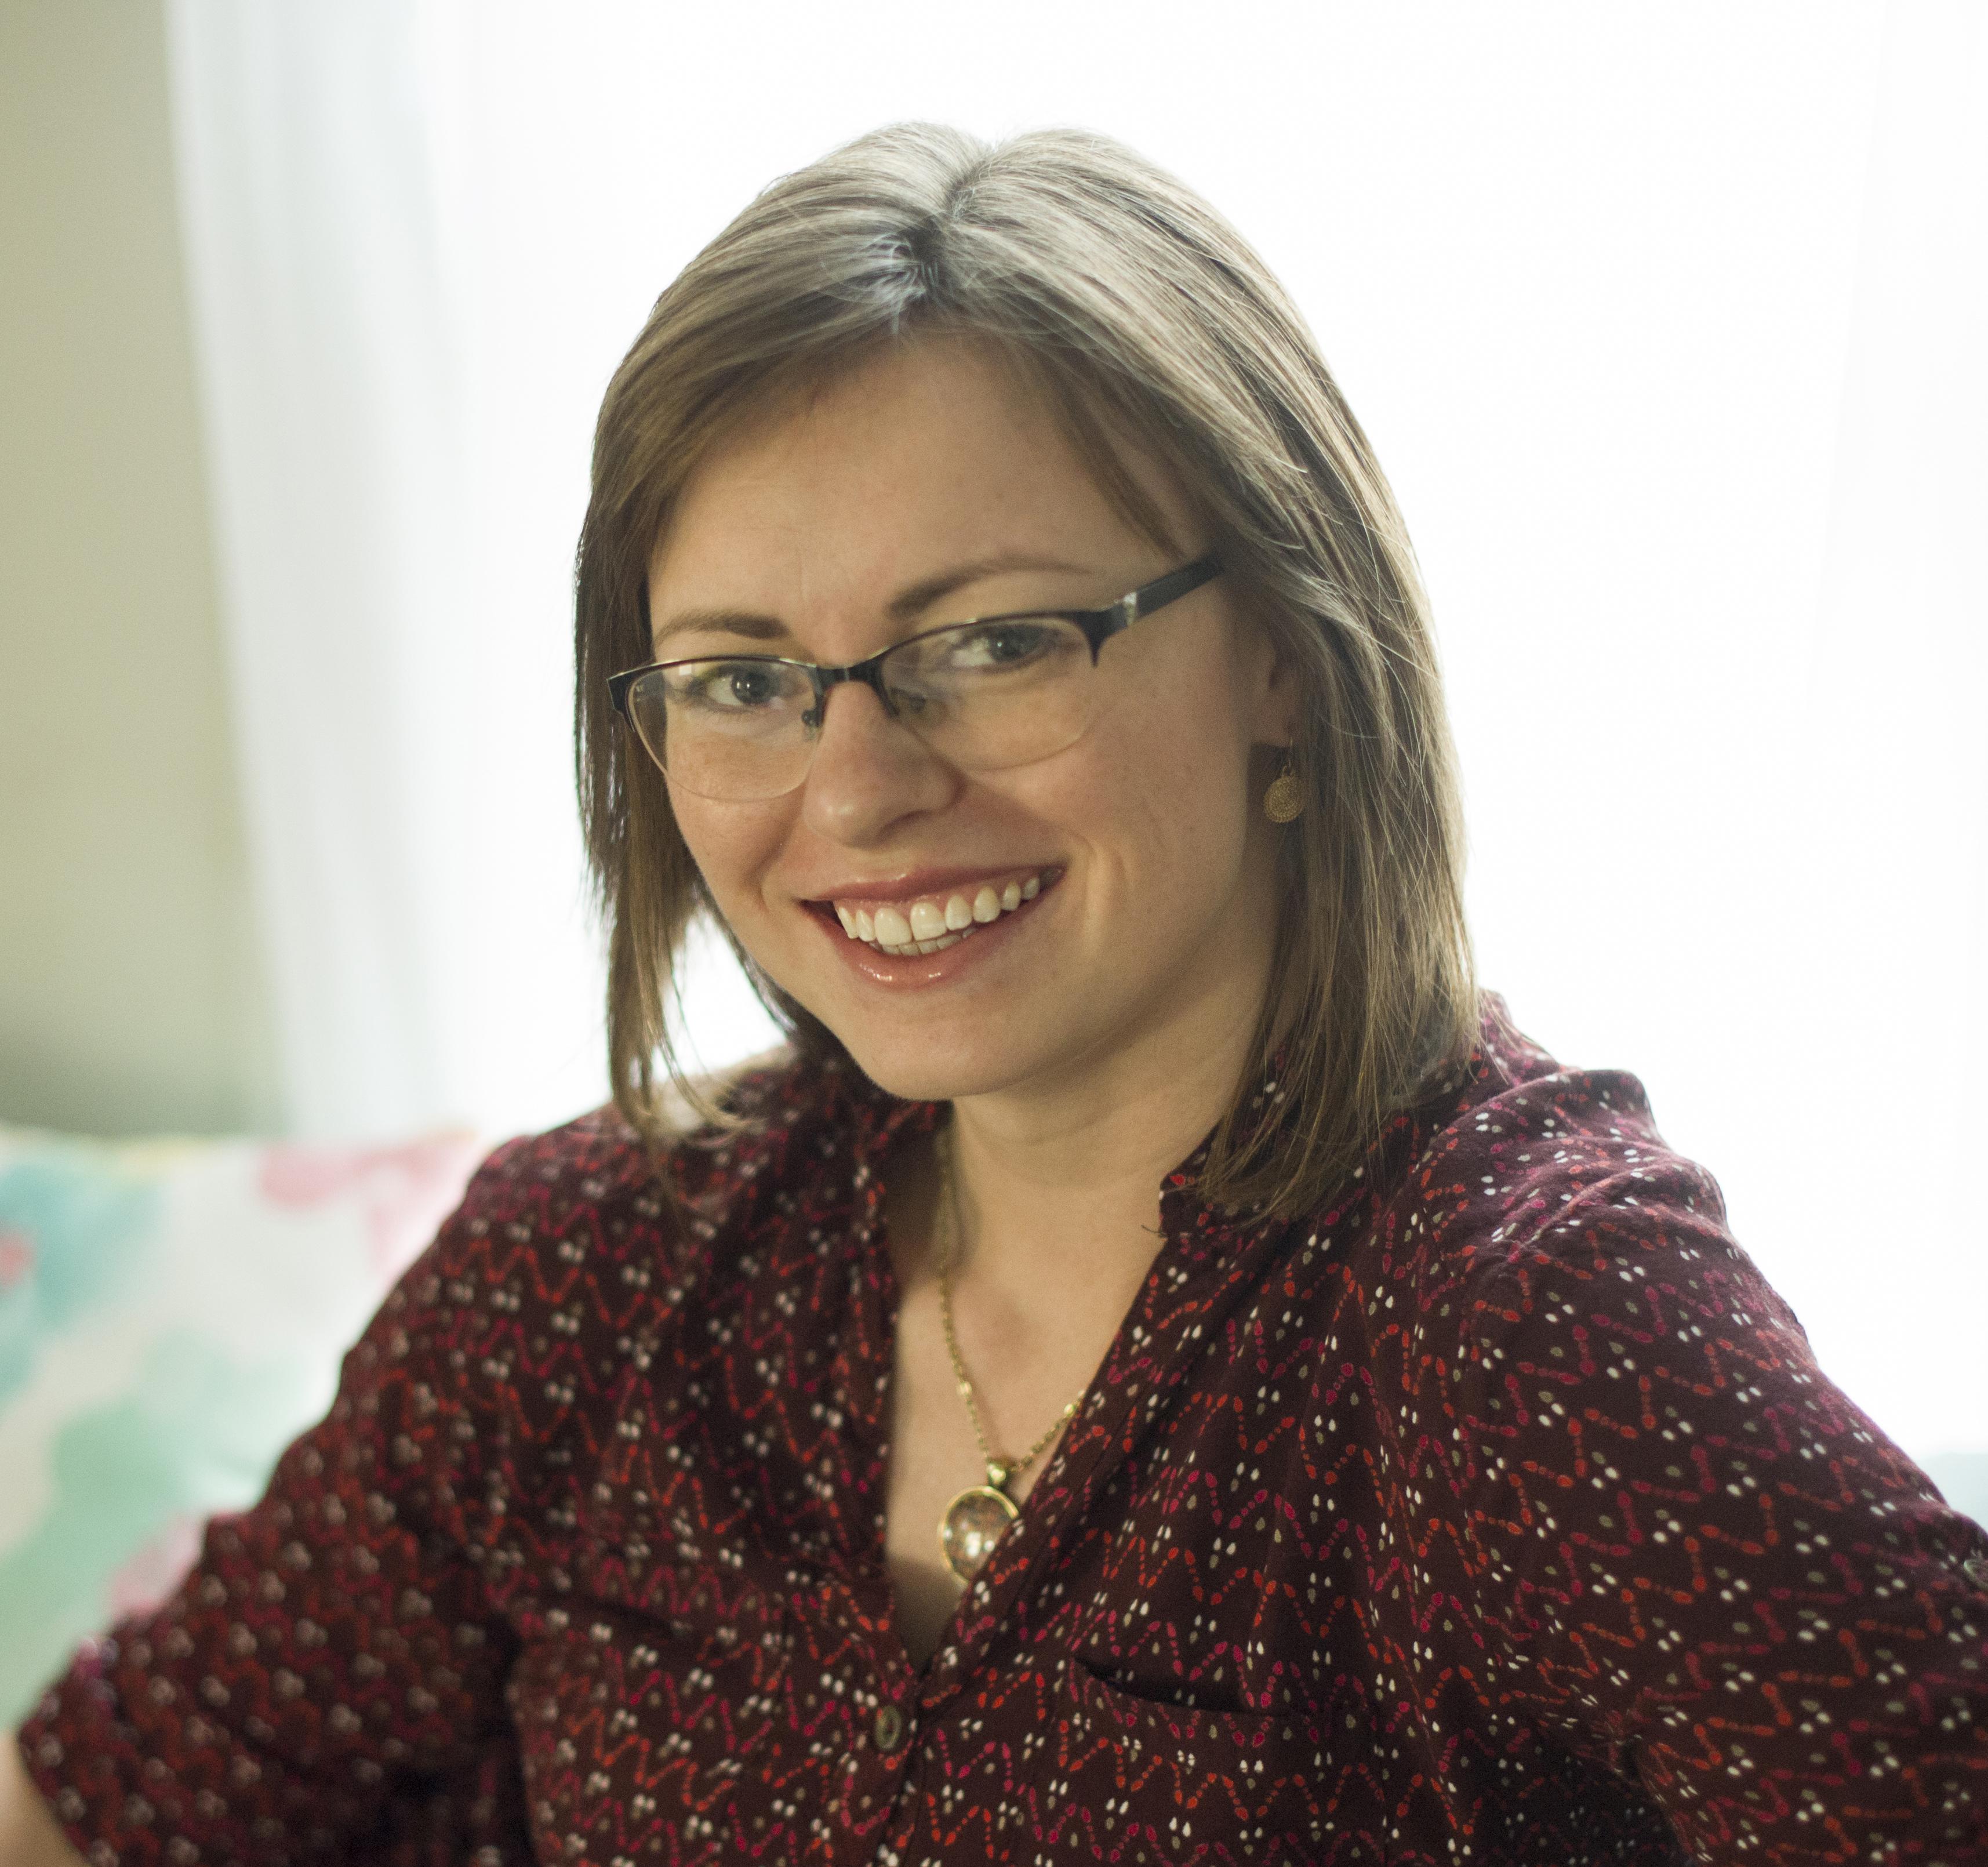 Lindsay H. Metcalf